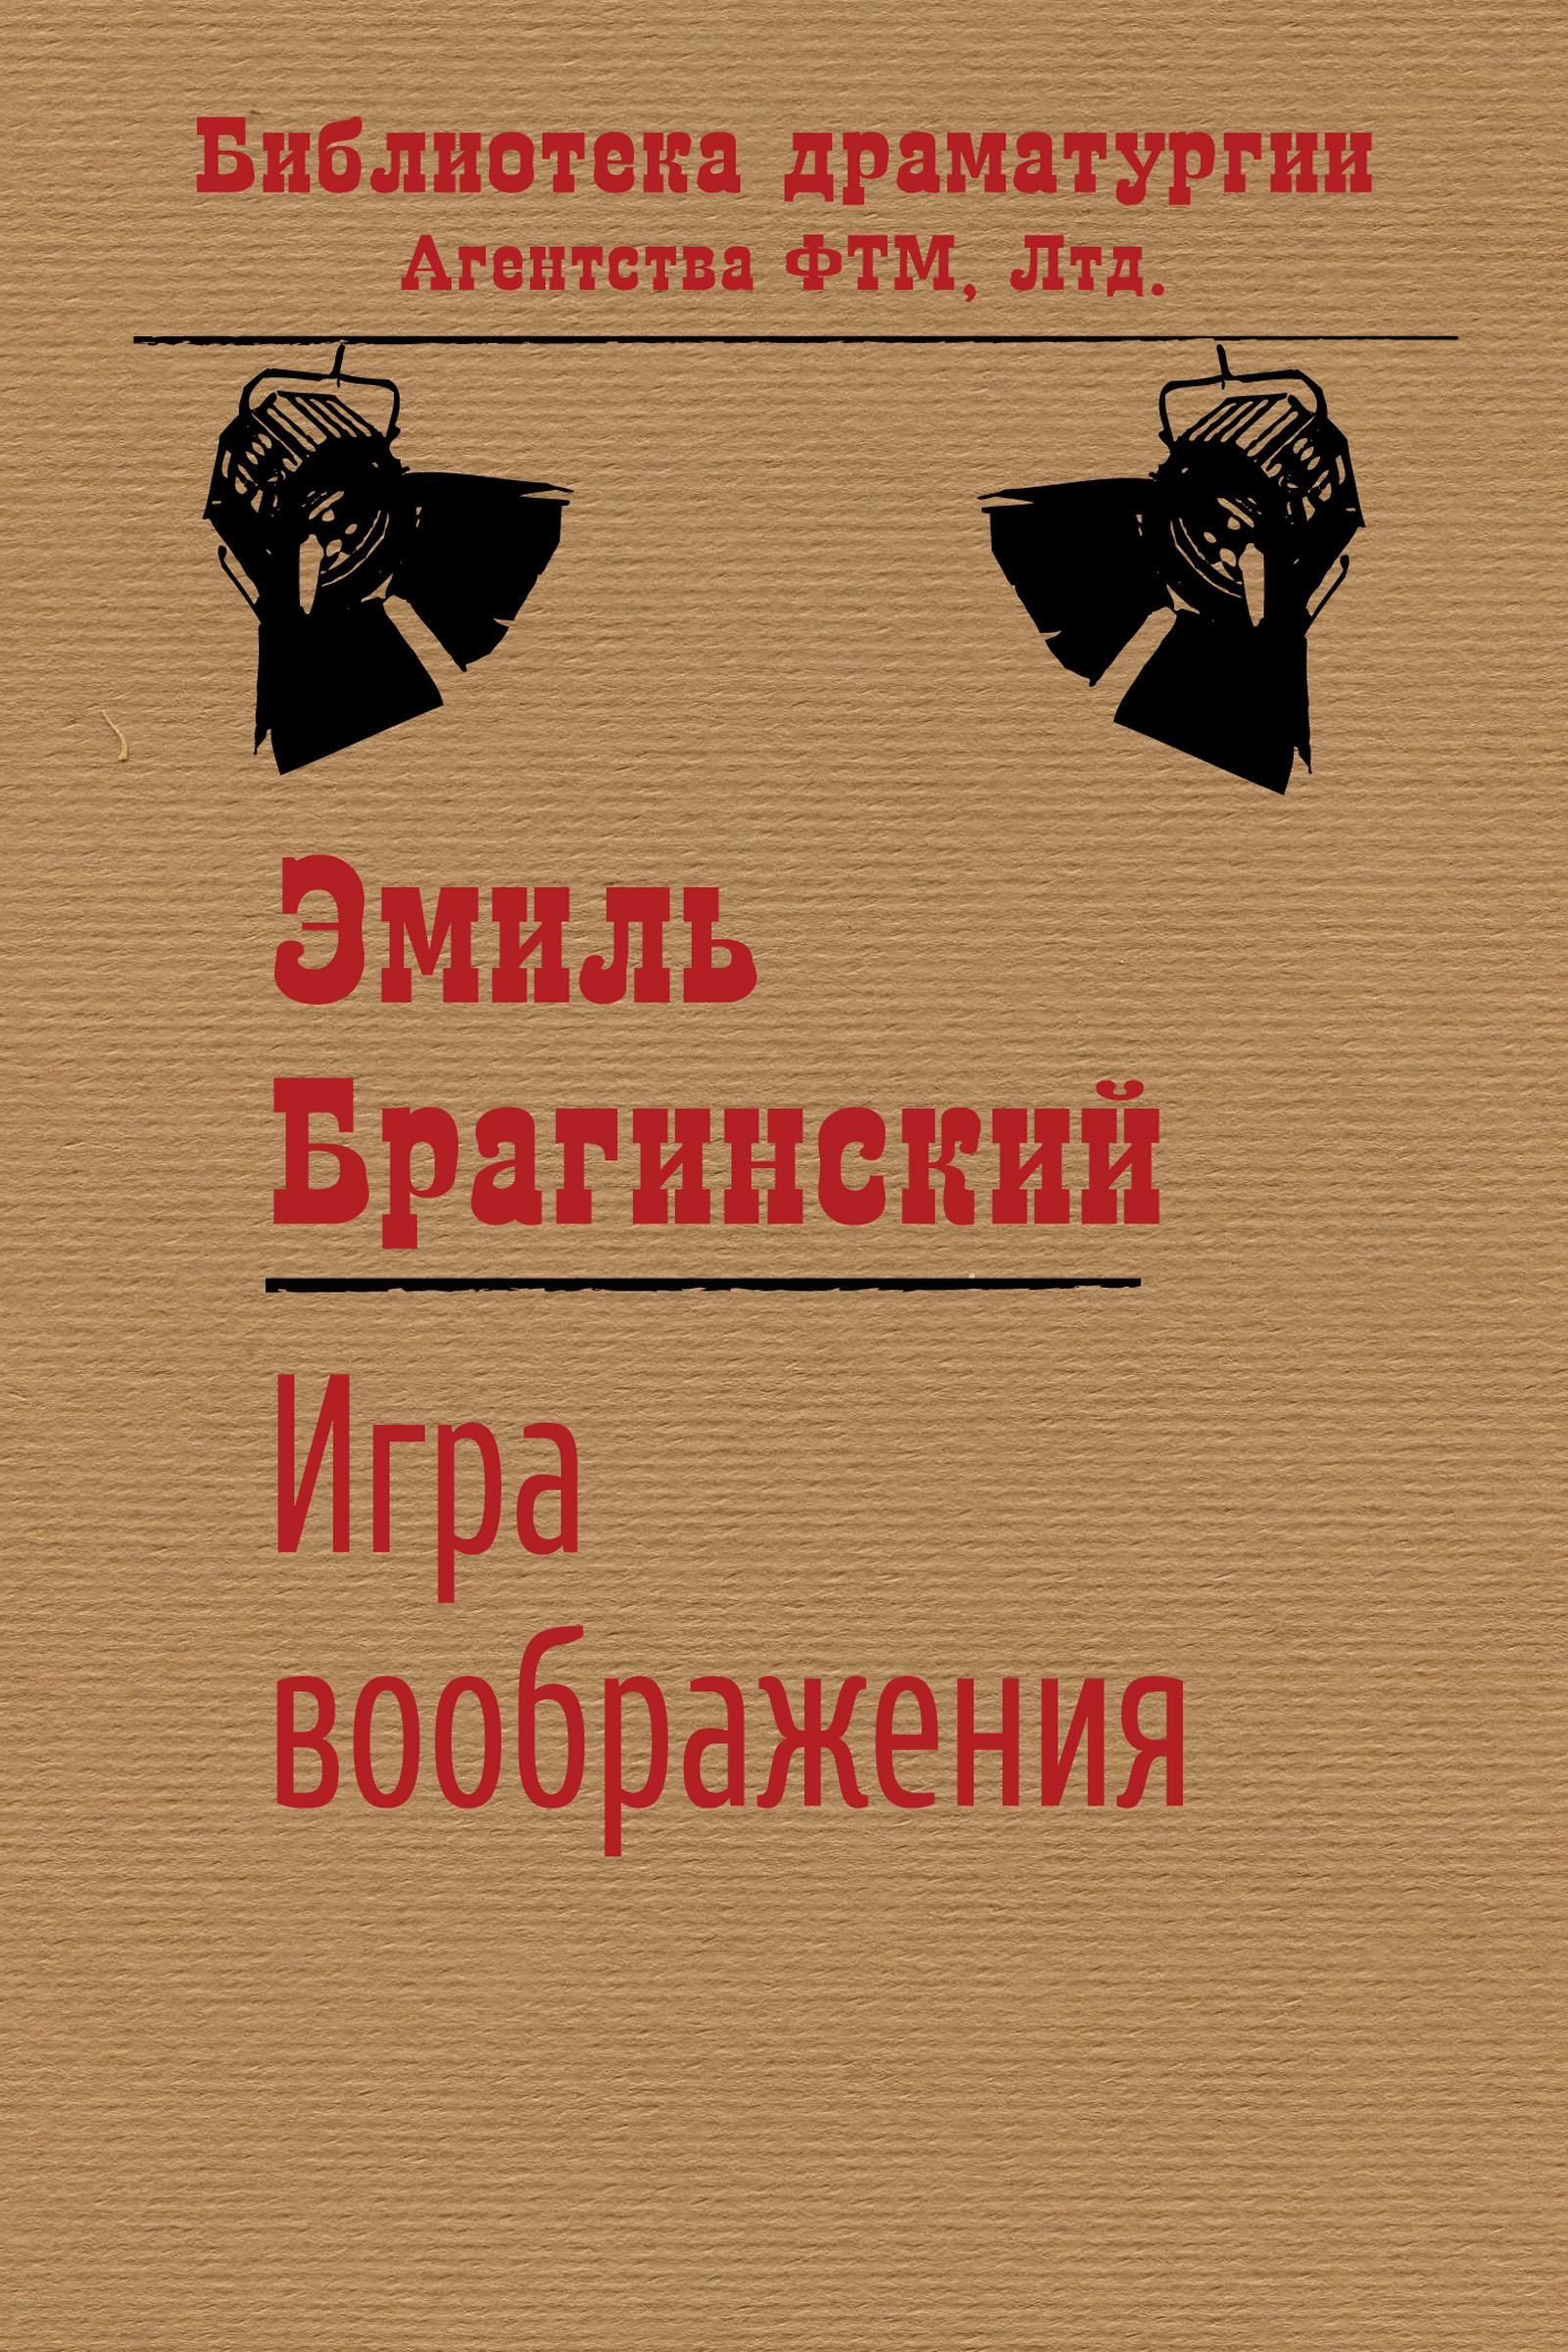 igra voobrazheniya